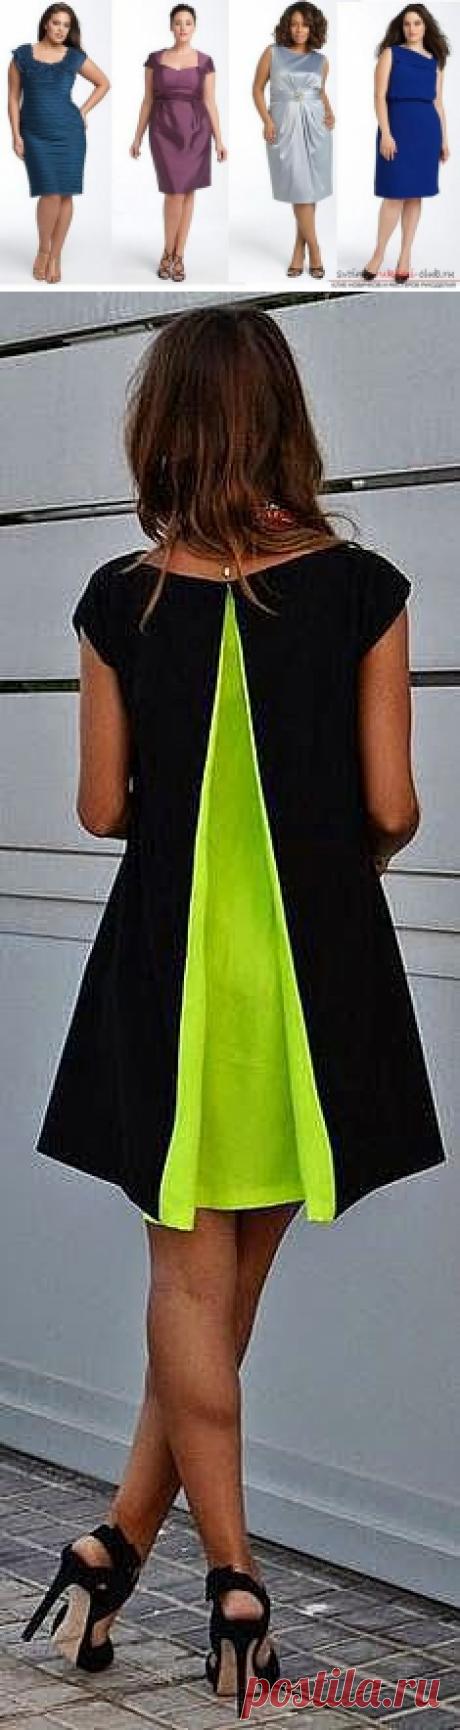 Сделать выкройку платья больших размеров для женщин разного возраста своими руками, используя пошаговую инструкцию с фото и описанием.